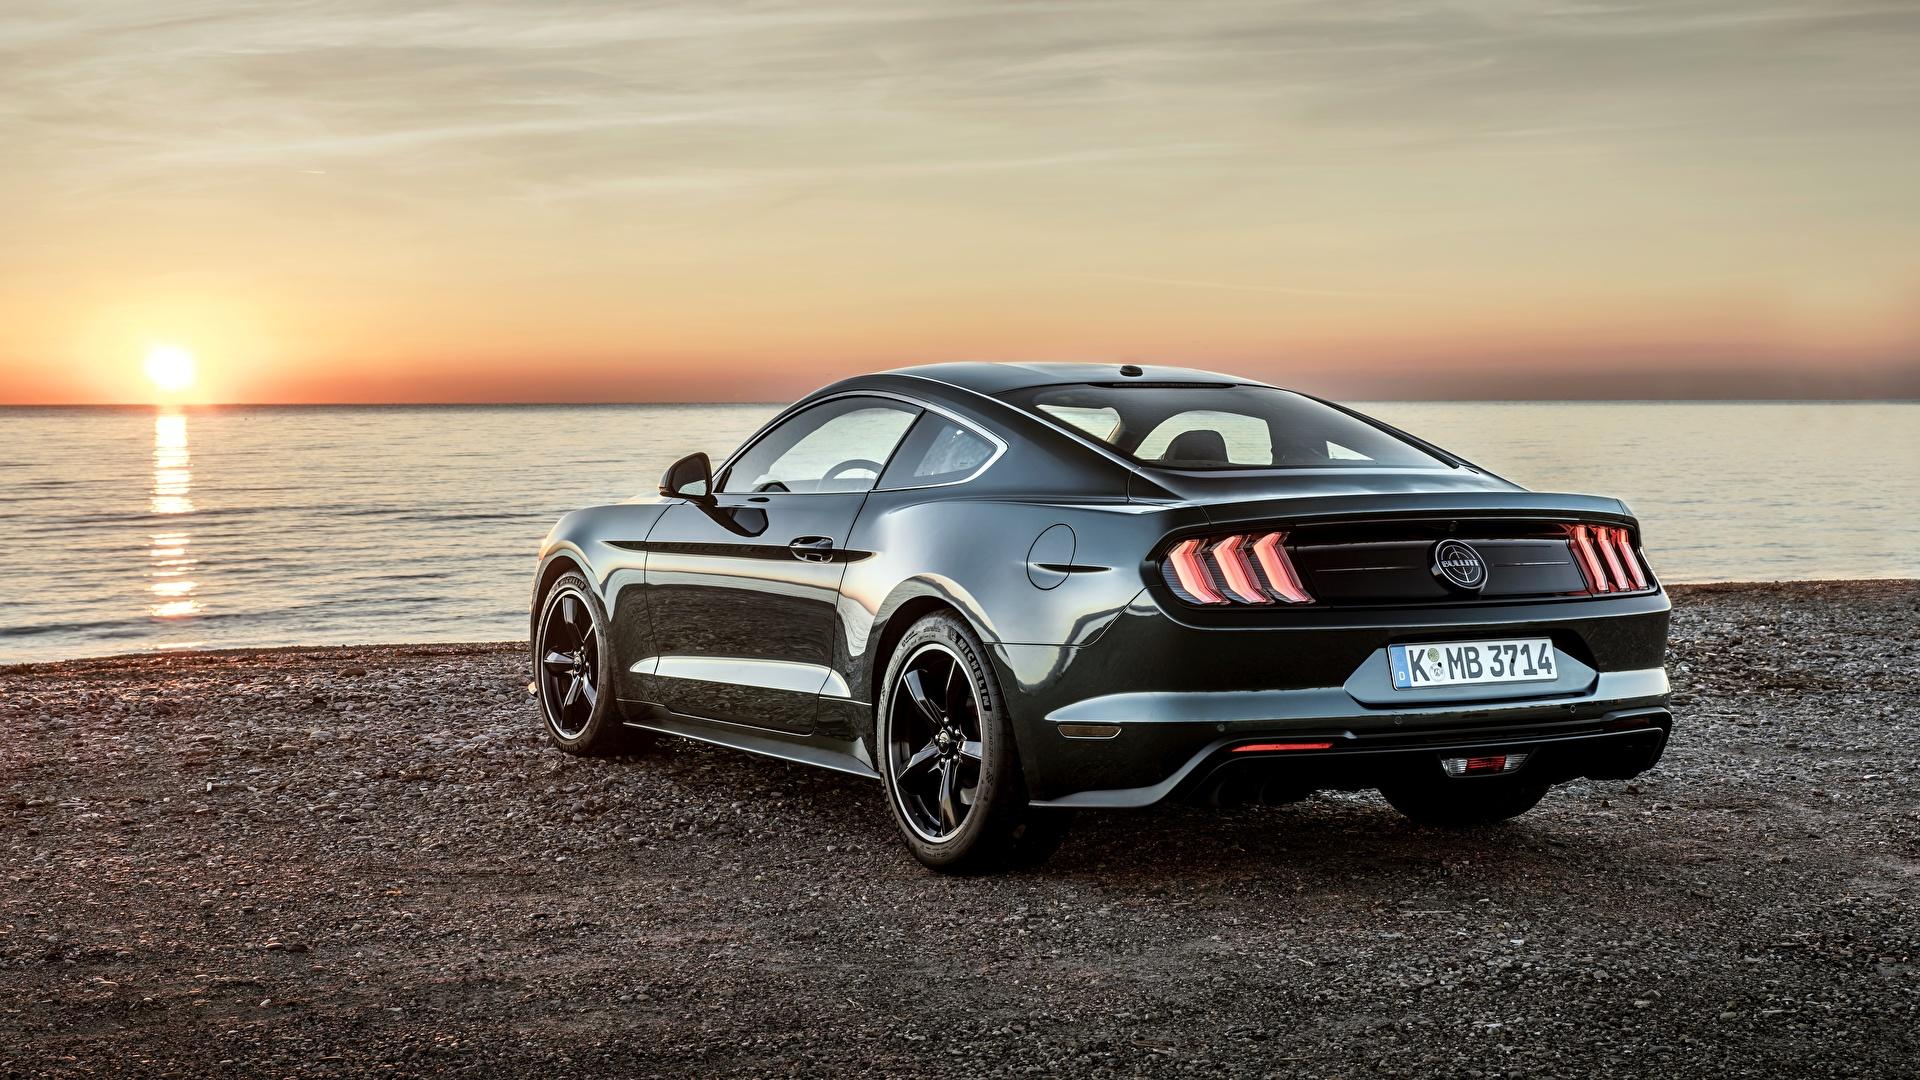 Фотография Форд 2018 Bullitt Mustang рассвет и закат Металлик вид сзади Автомобили 1920x1080 Ford Рассветы и закаты авто Сзади машины машина автомобиль